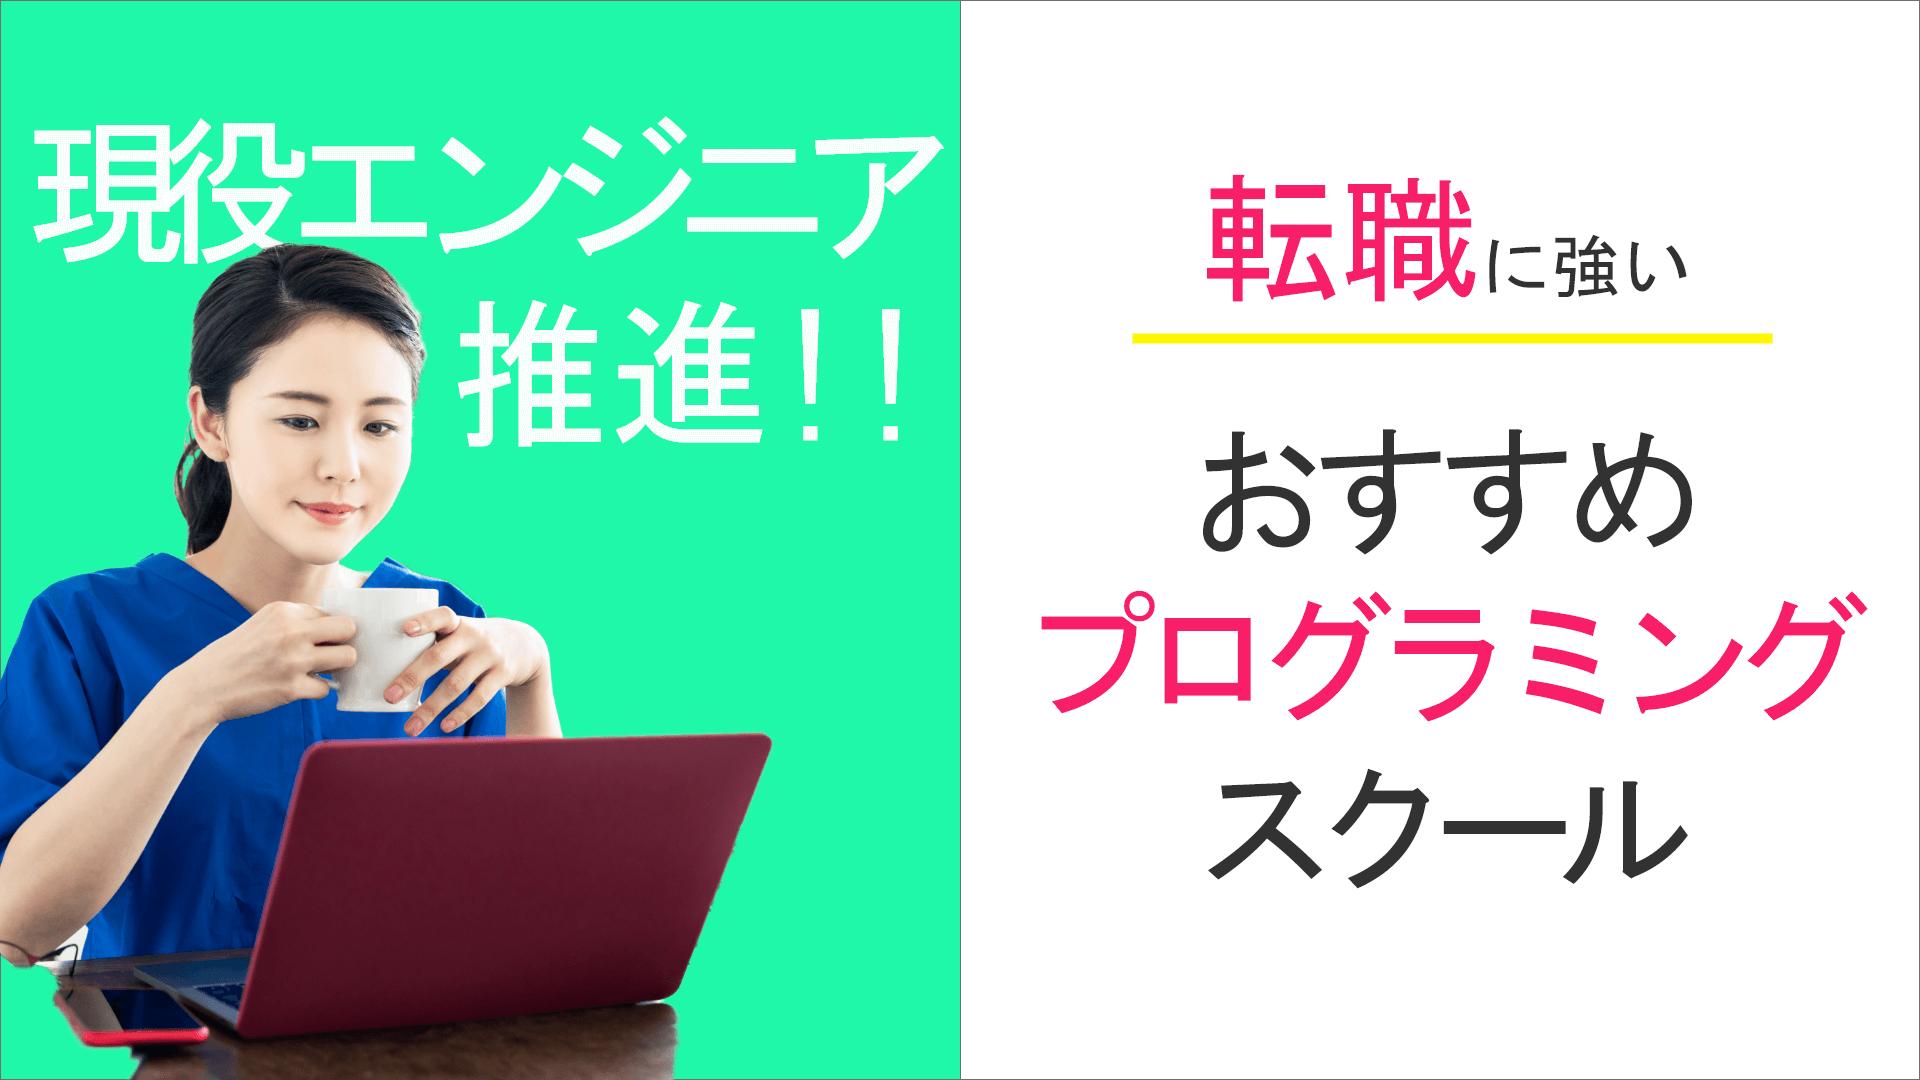 【現役エンジニア推薦】転職におすすめのプログラミングスクール3選!